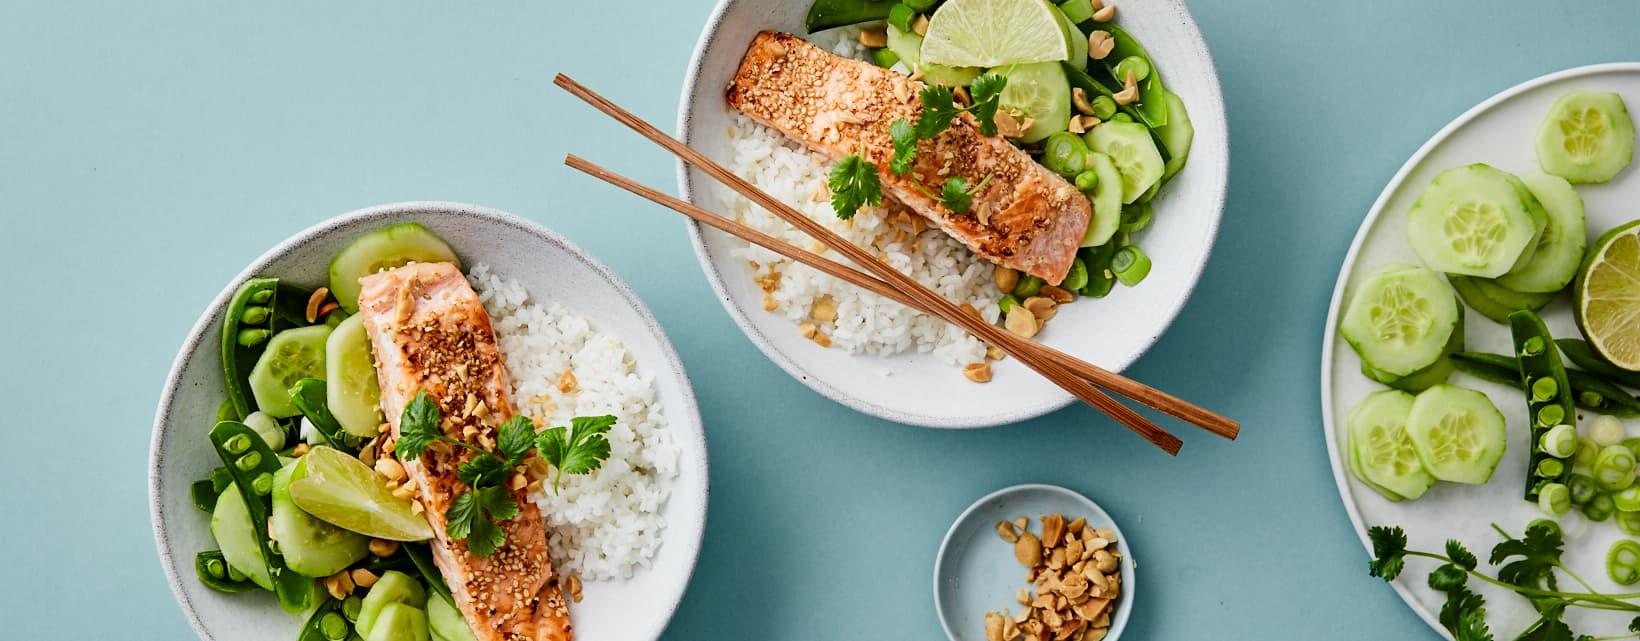 Asiatiske smaker er perfekt til laks.